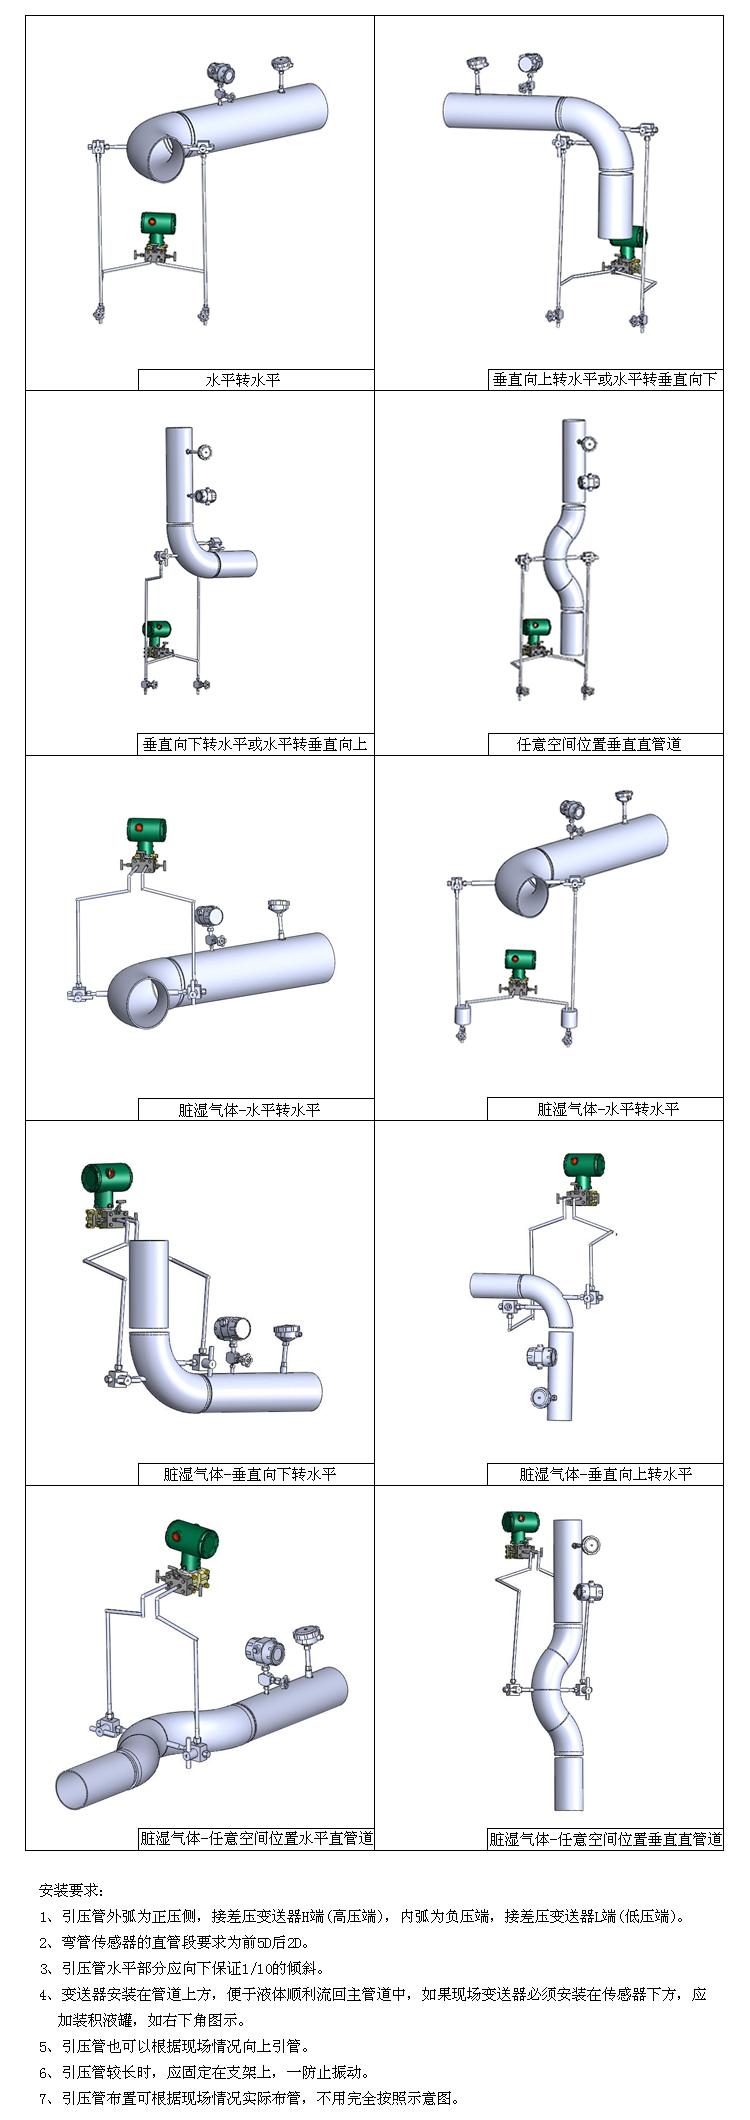 供应数字流量计,北京流量计生产厂家, 压缩空气流量计,流量计,气体